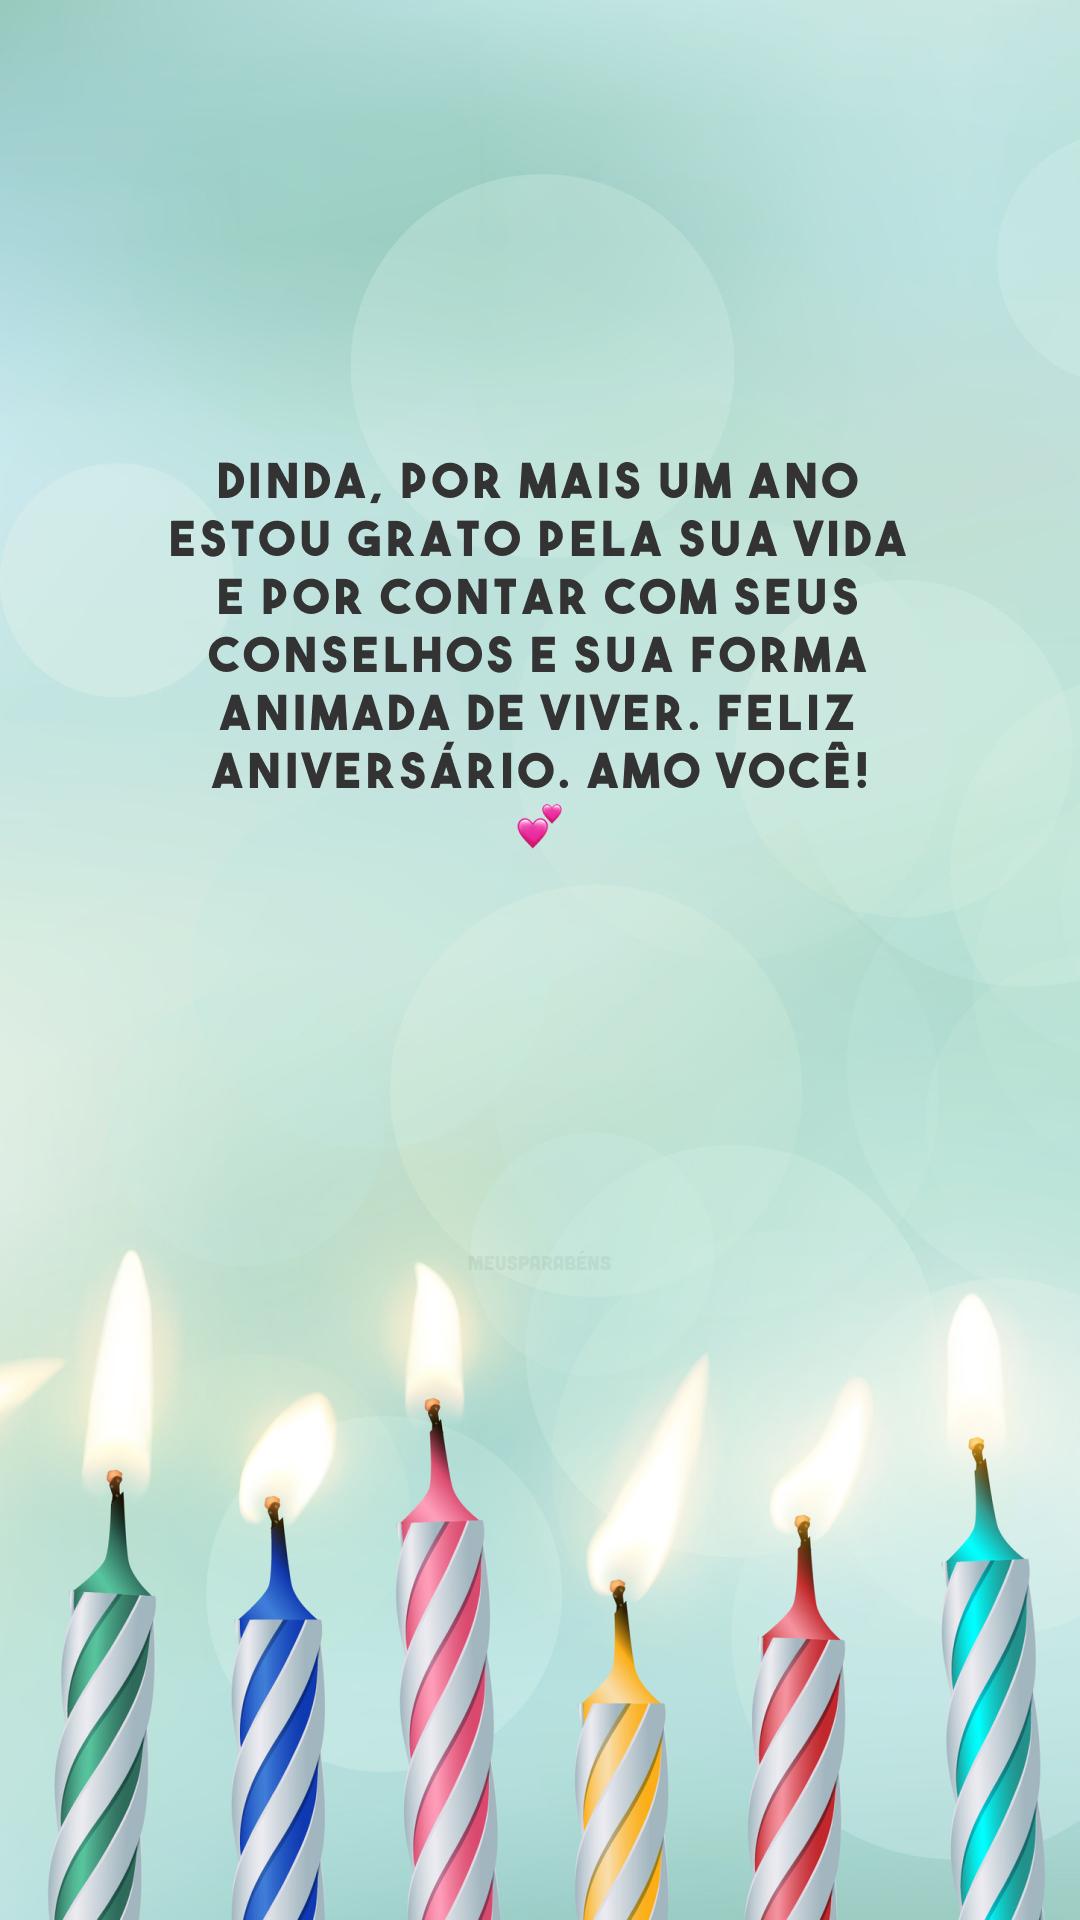 Dinda, por mais um ano estou grato pela sua vida e por contar com seus conselhos e sua forma animada de viver. Feliz aniversário. Amo você! 💕